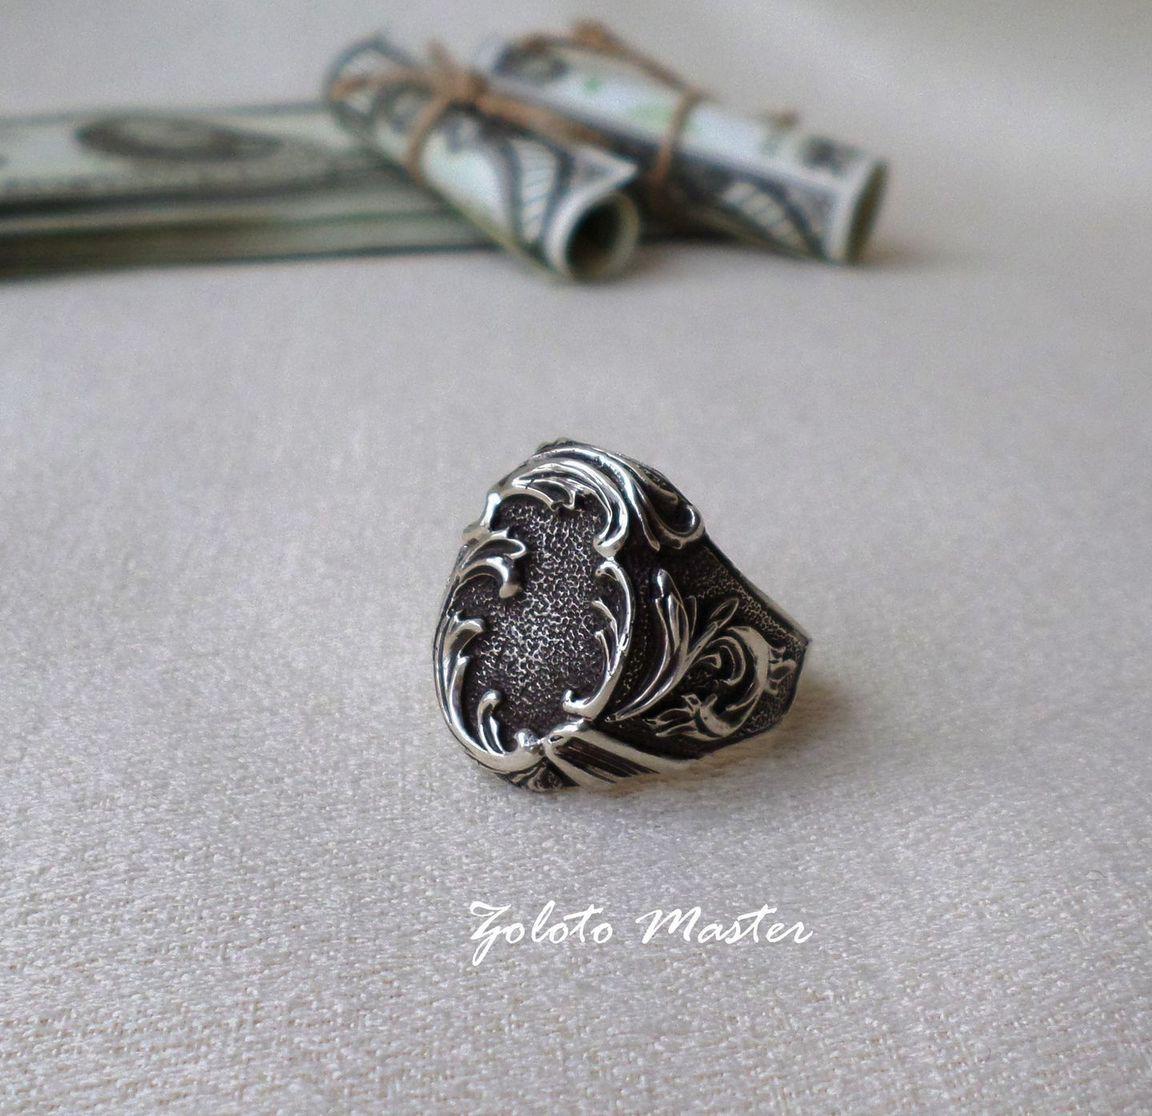 Перстень мужской. Серебро 925 пробы. – купить в интернет-магазине ... cb25bee53eb77